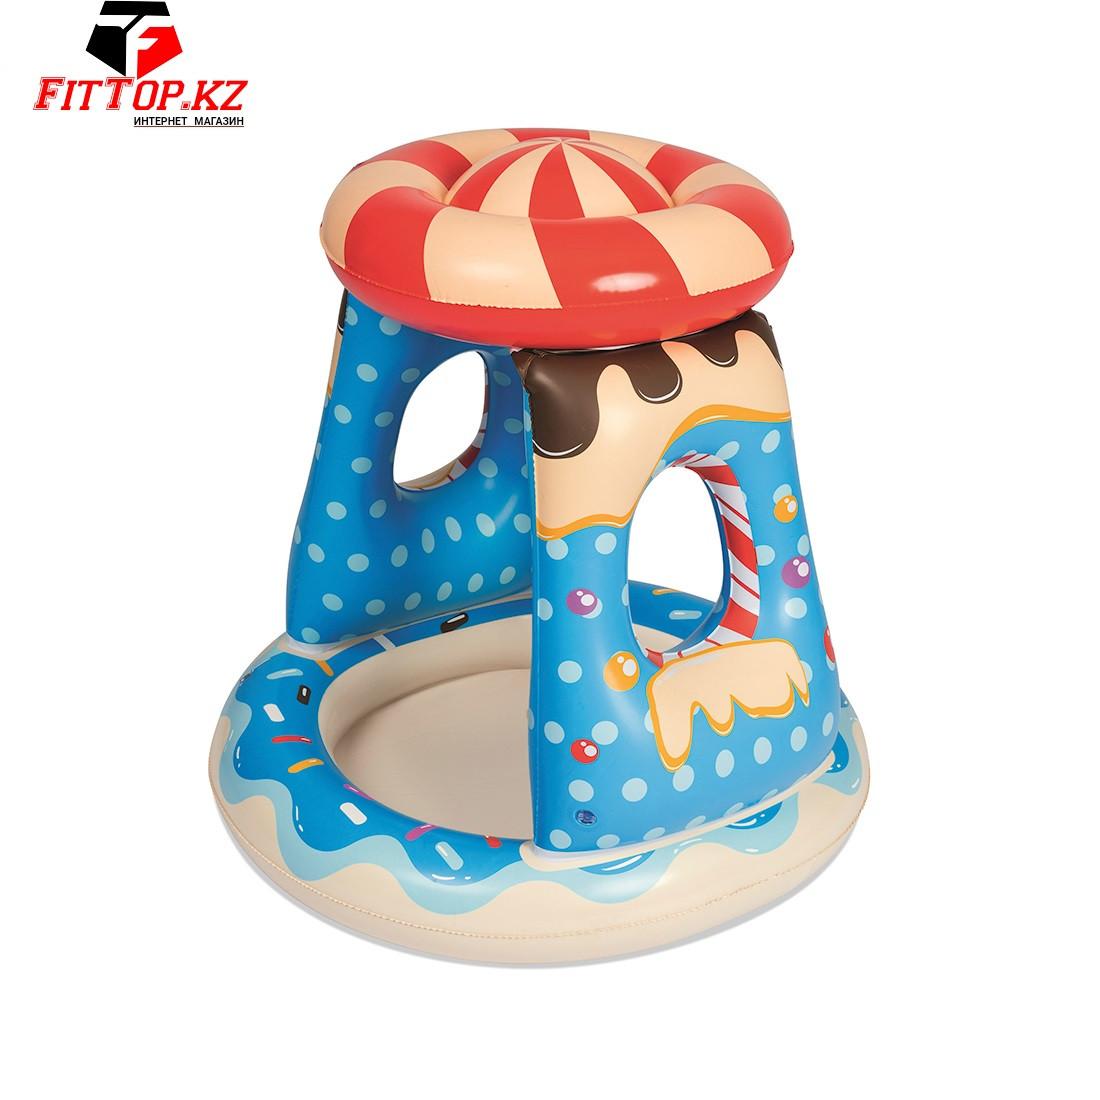 Детский надувной бассейн Candyville 91 x 89 см, BESTWAY, 52270, С надувным навесом